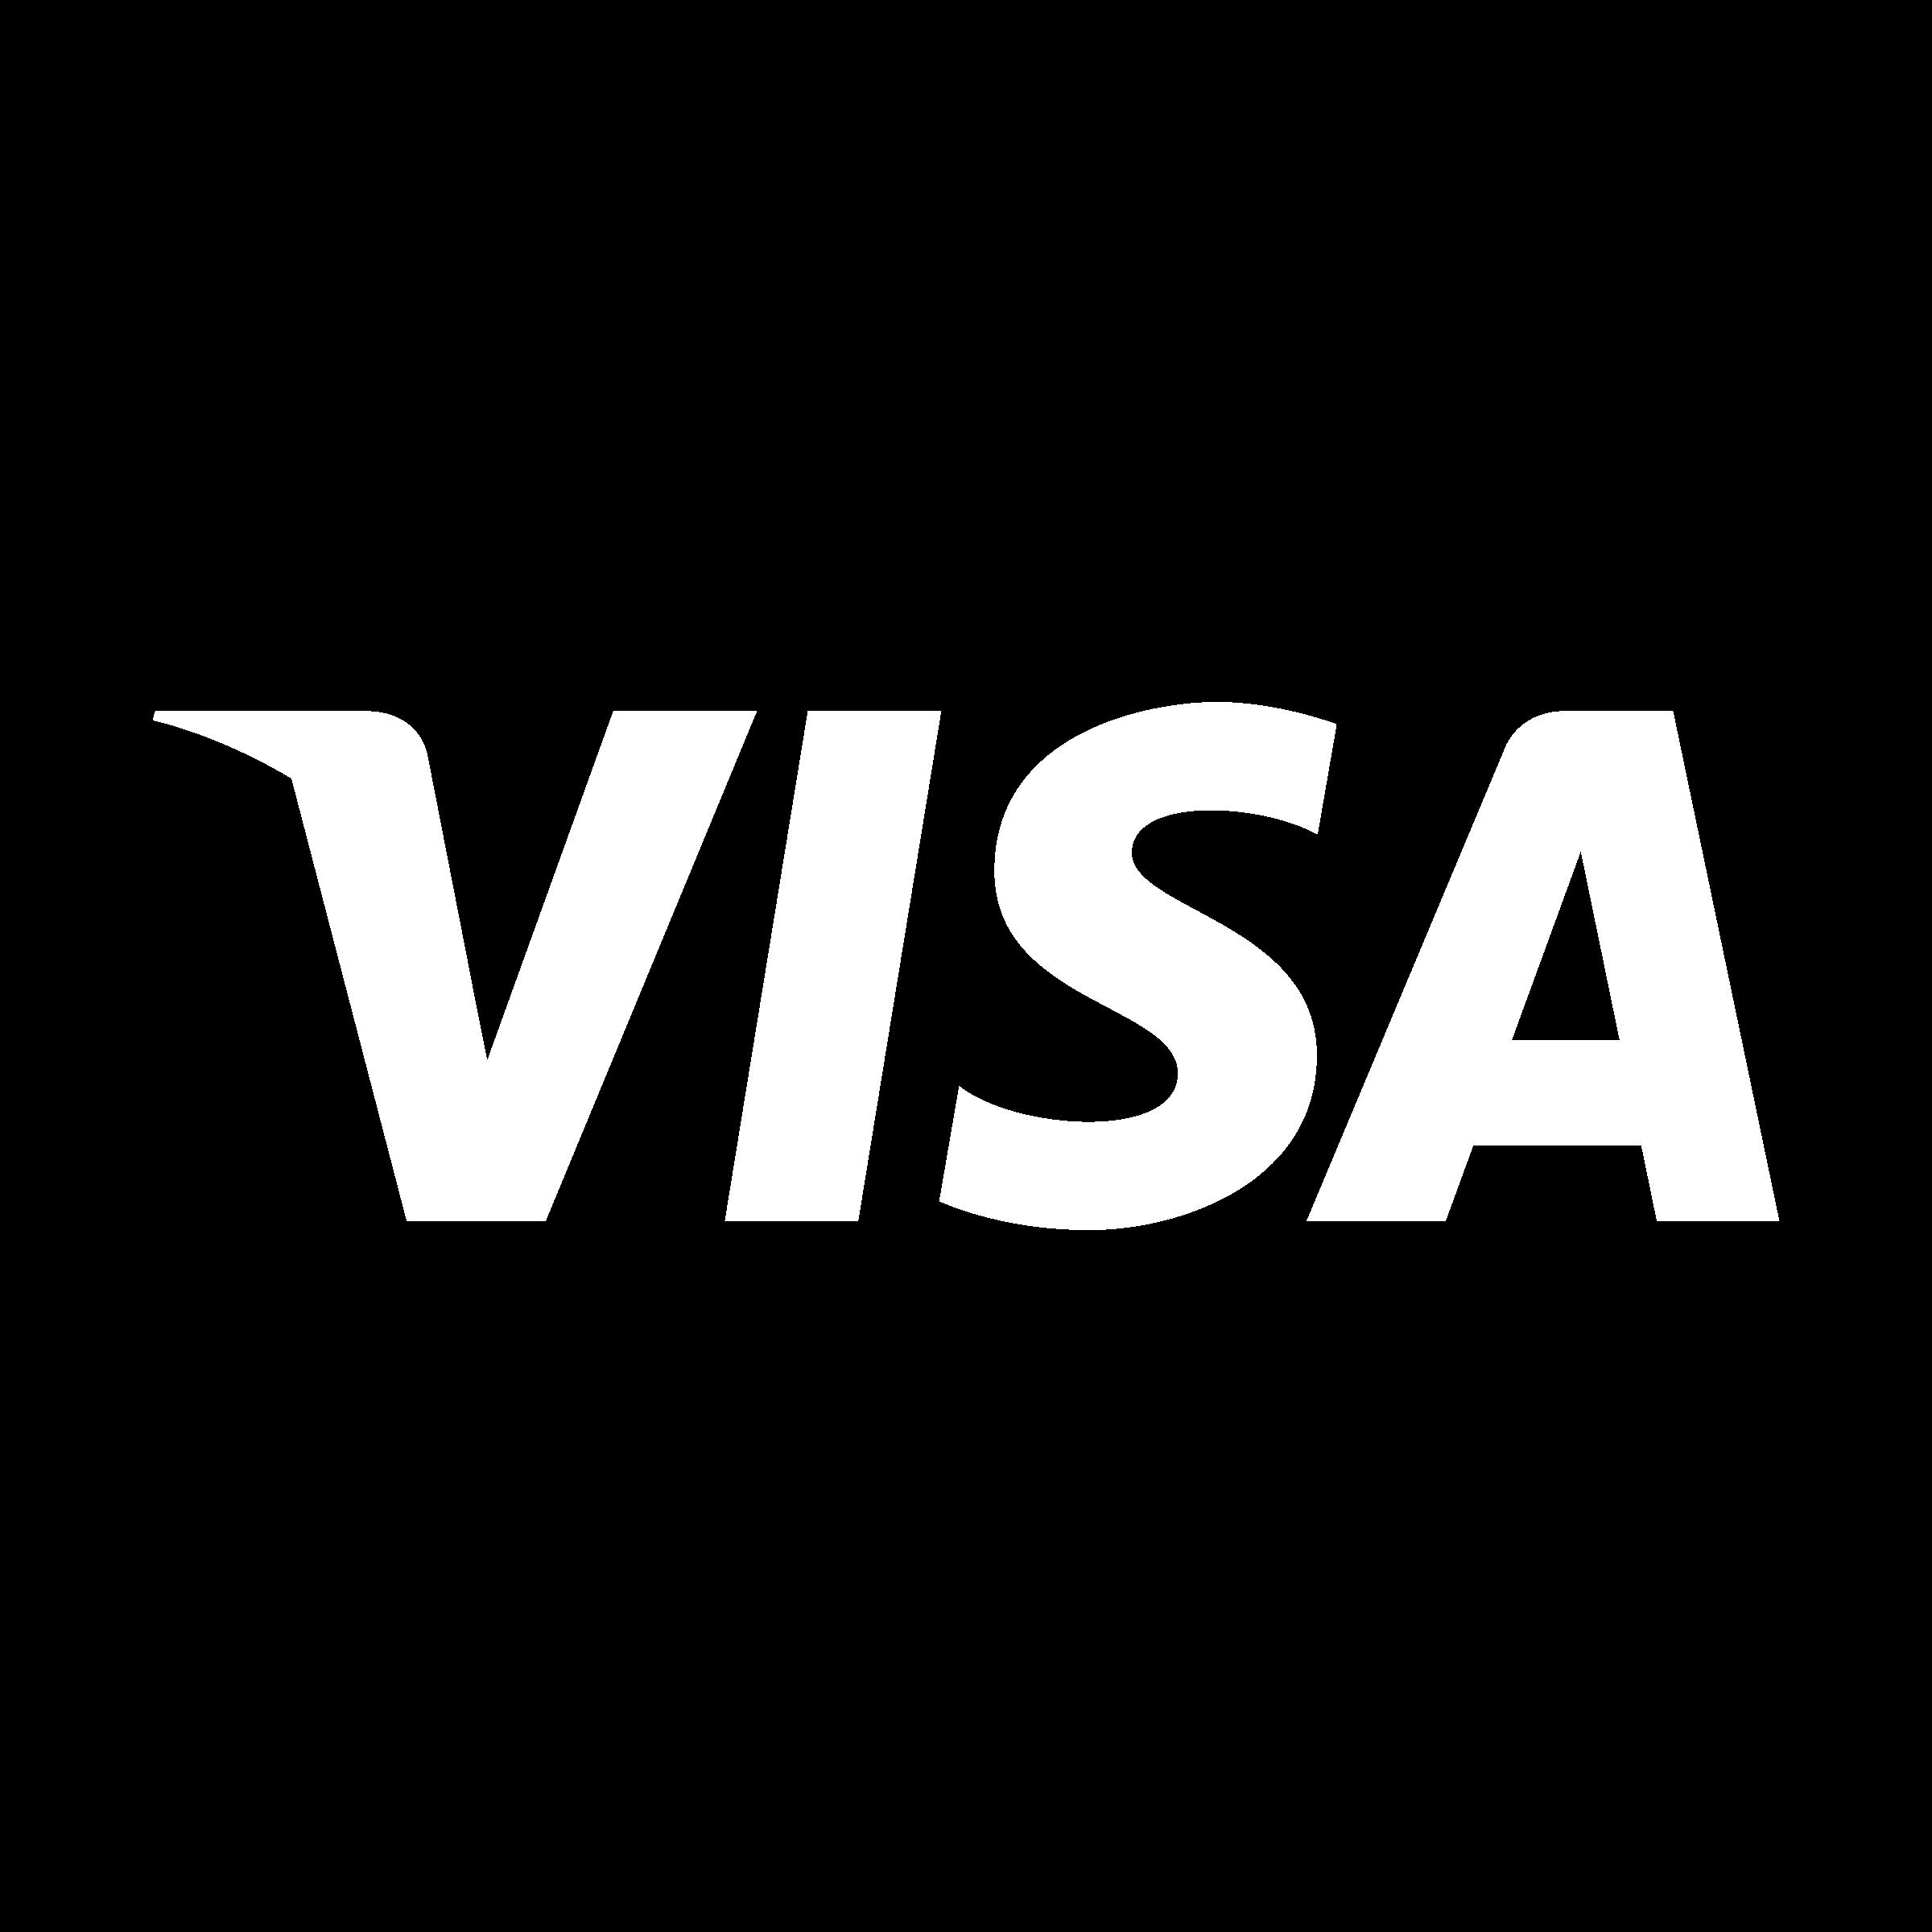 Kết quả hình ảnh cho visa logo png white